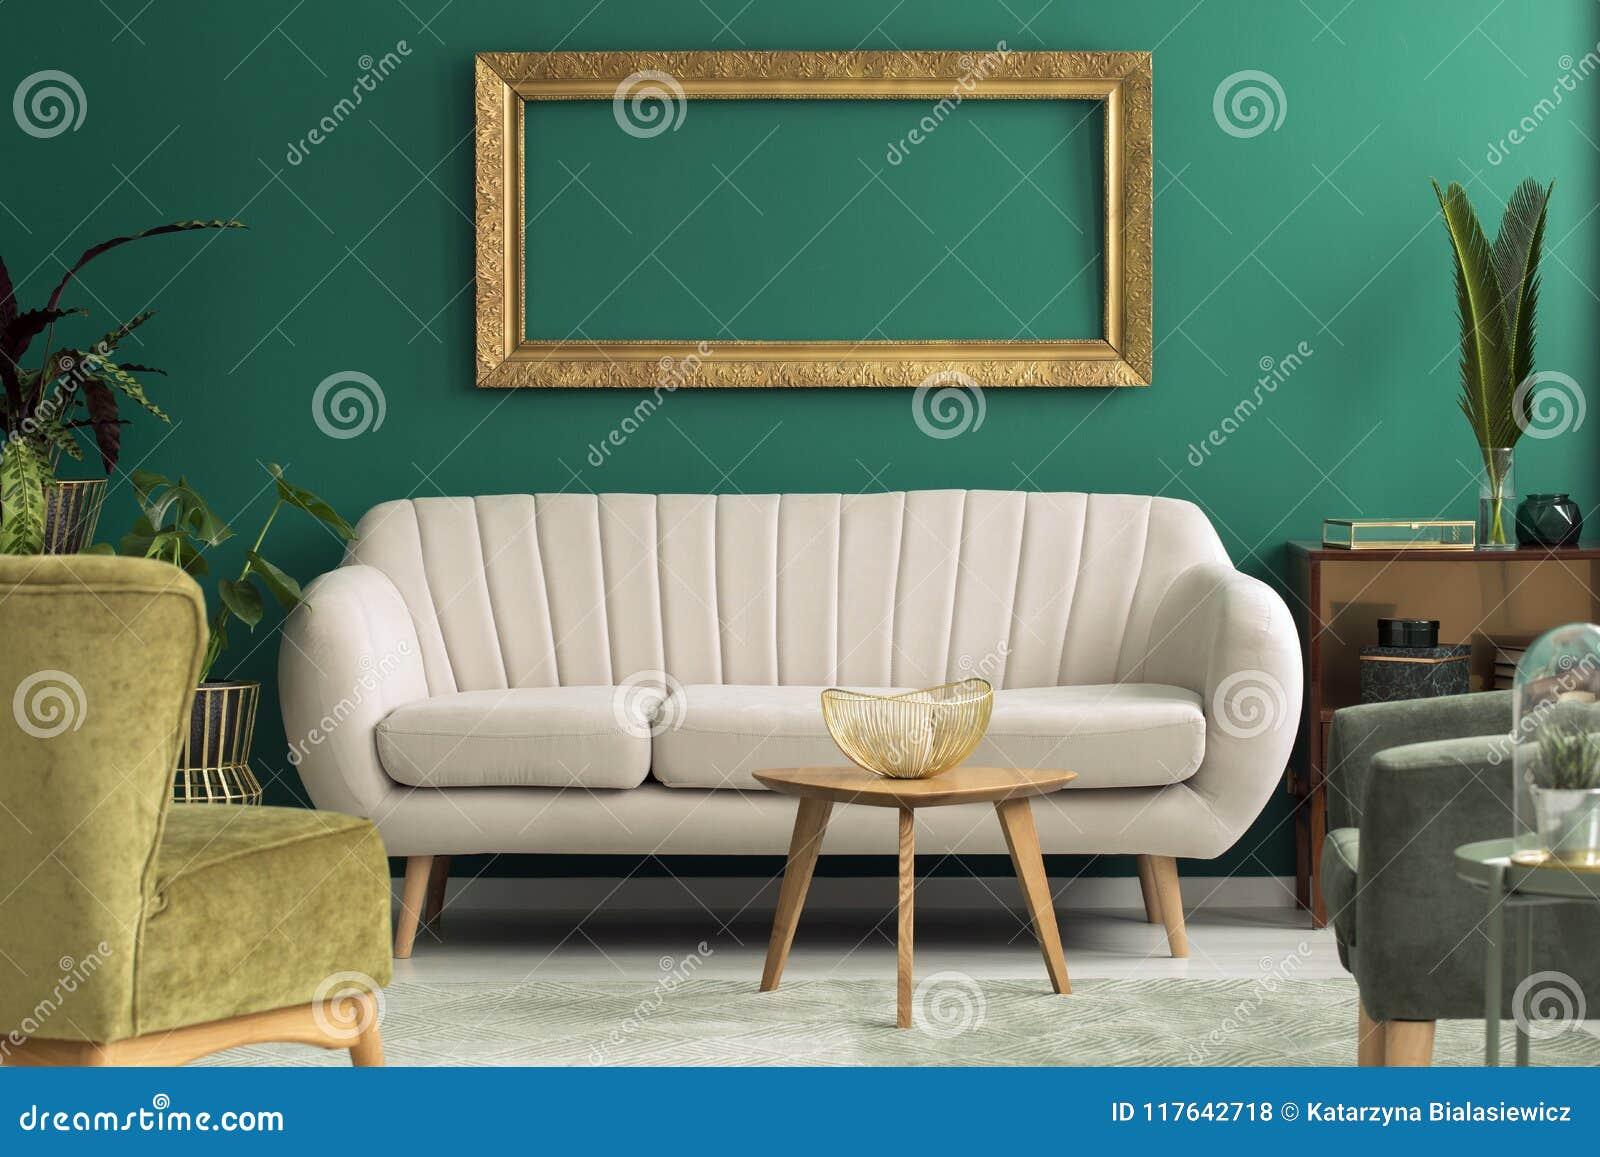 Sofa lumineux dans l intérieur vert